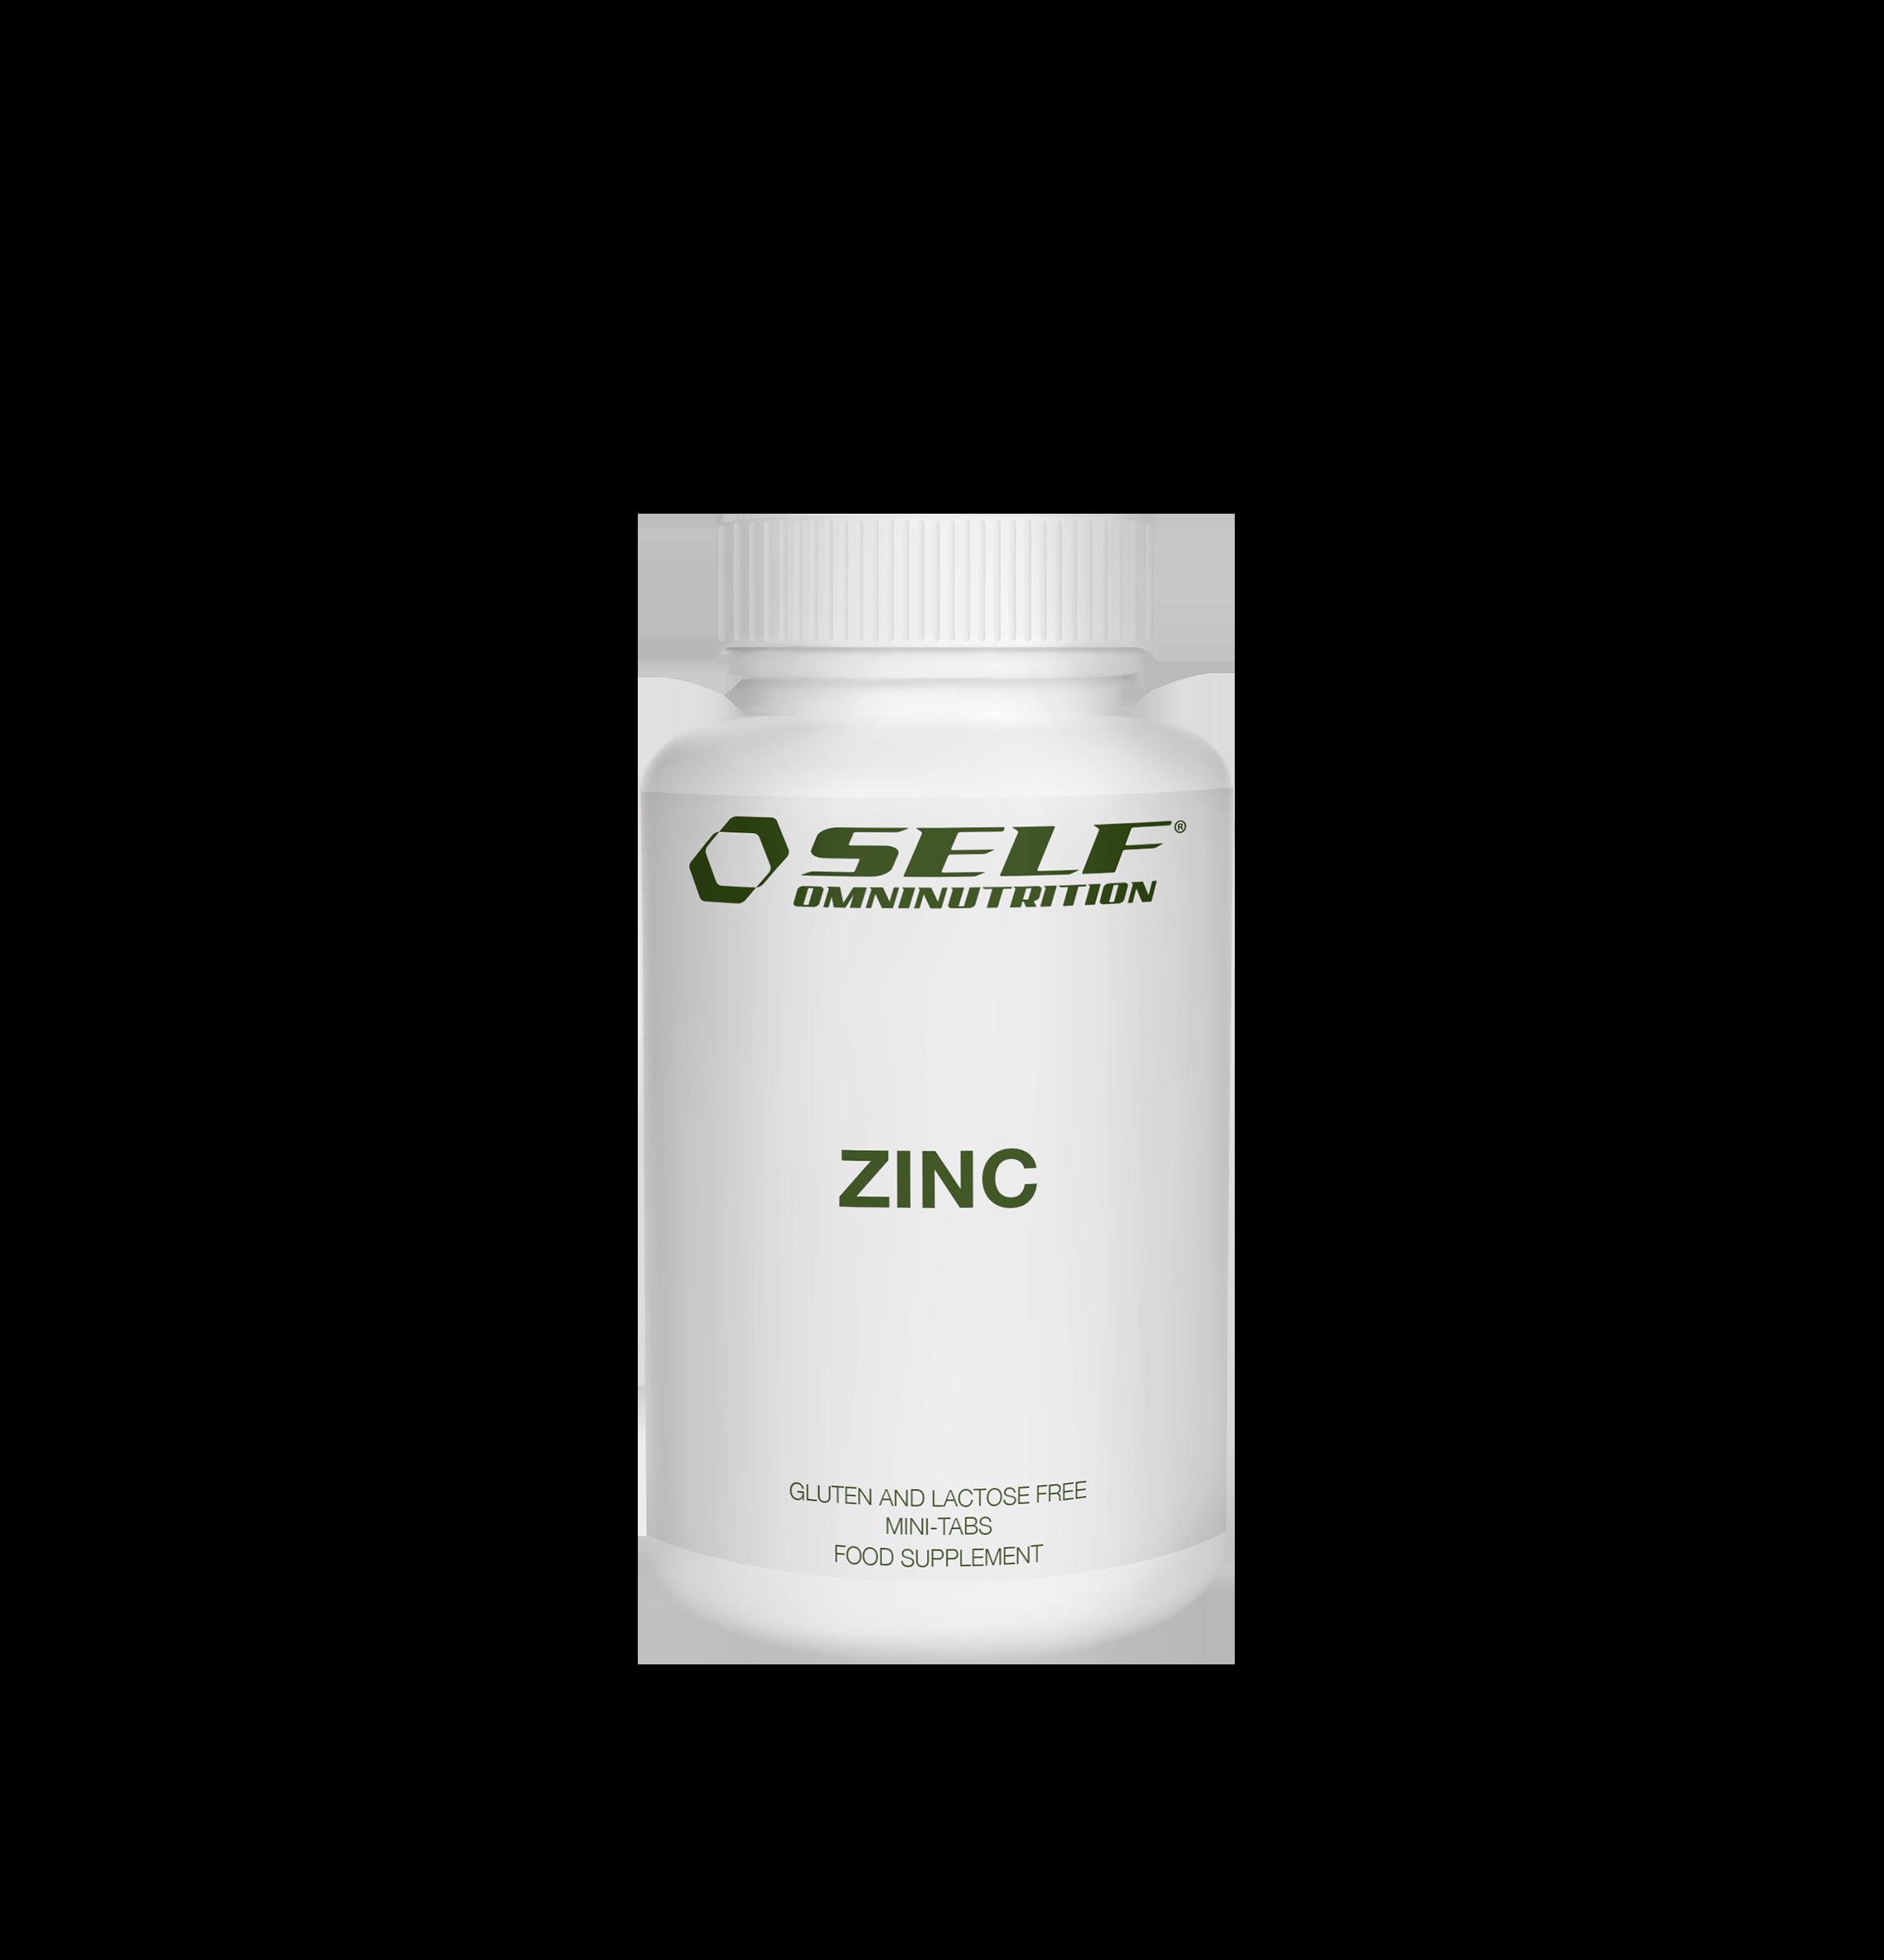 98167 zinc 100 comp fitness, nutrition